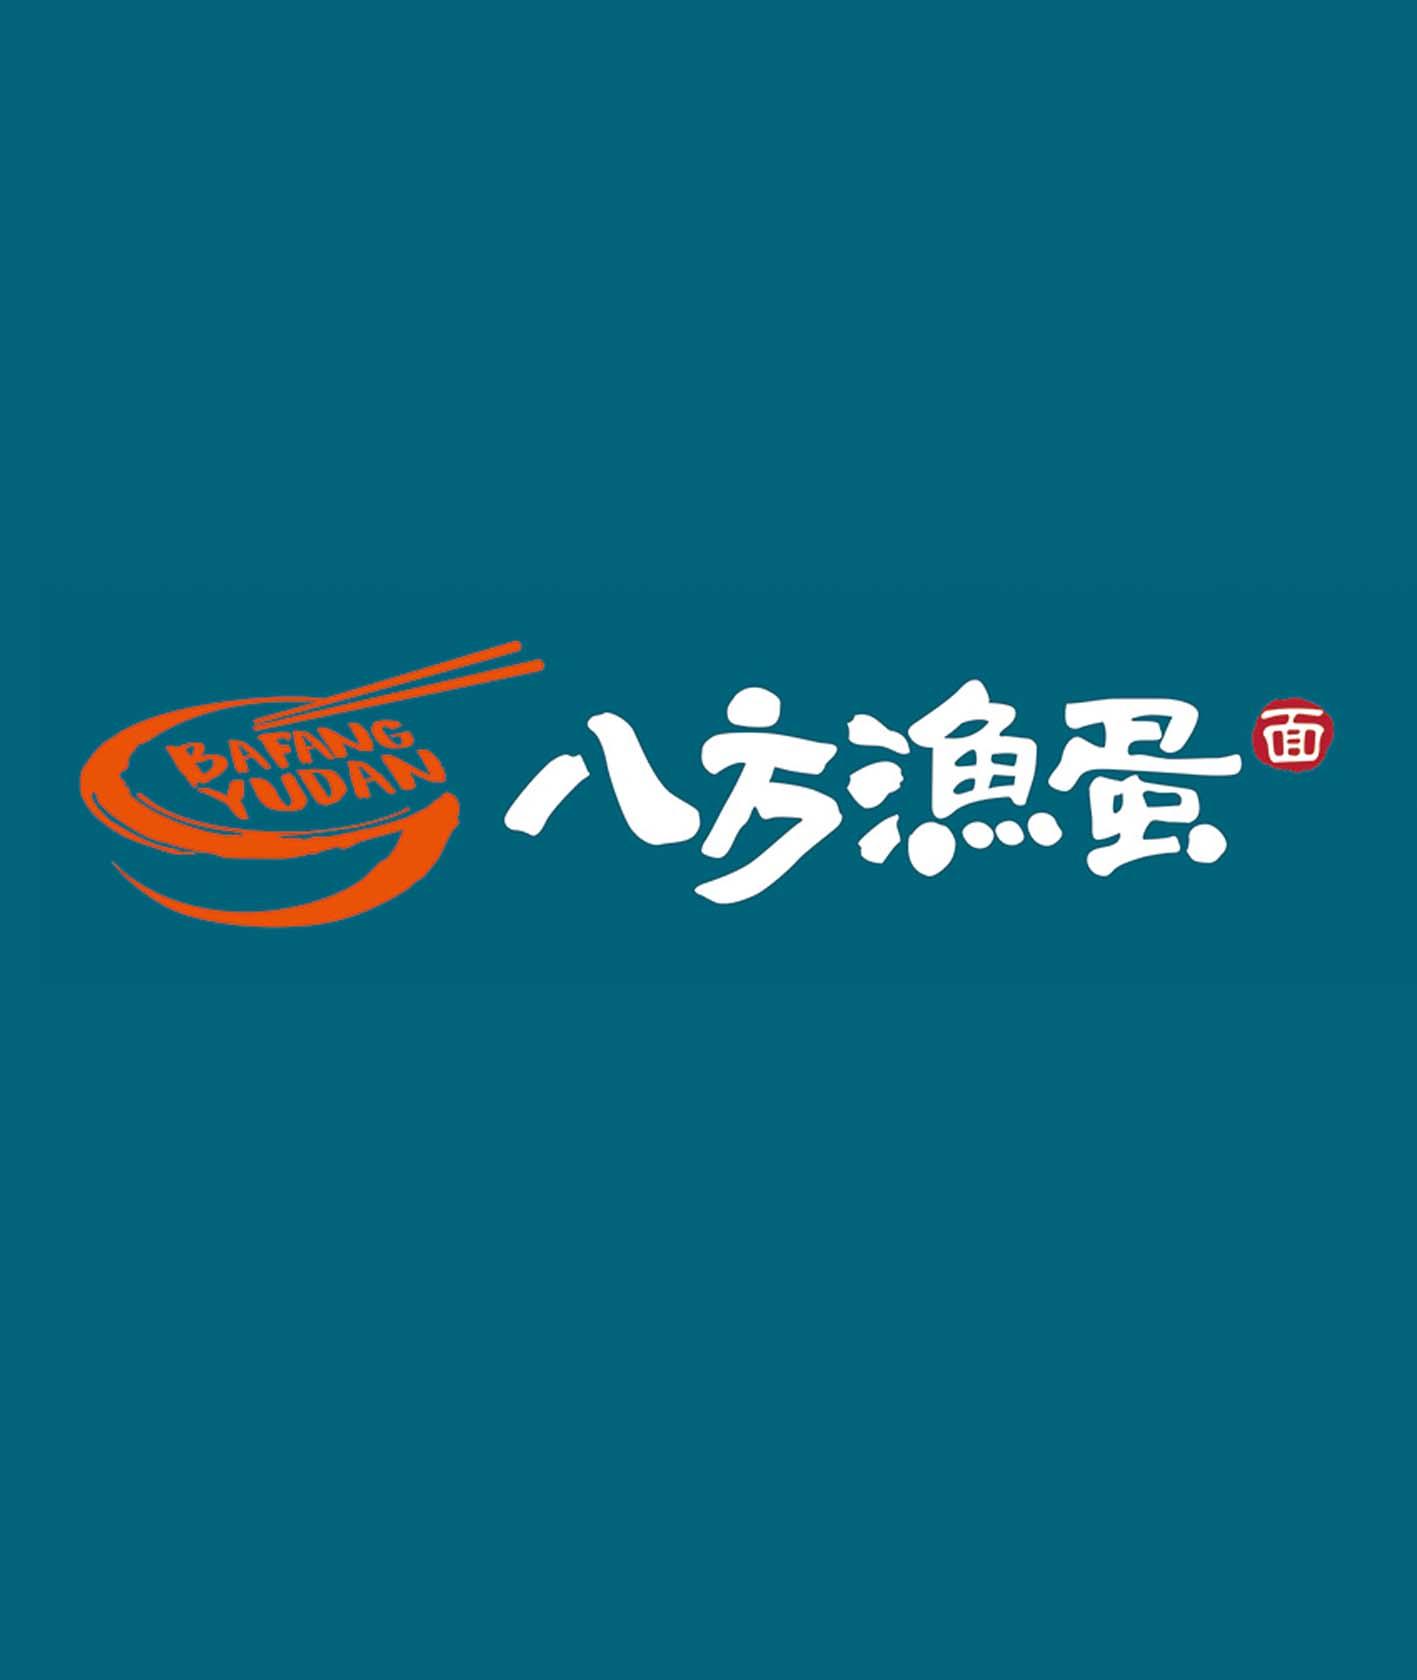 重庆市莱得快美食文化有限公司_联英人才网_hrm.cn